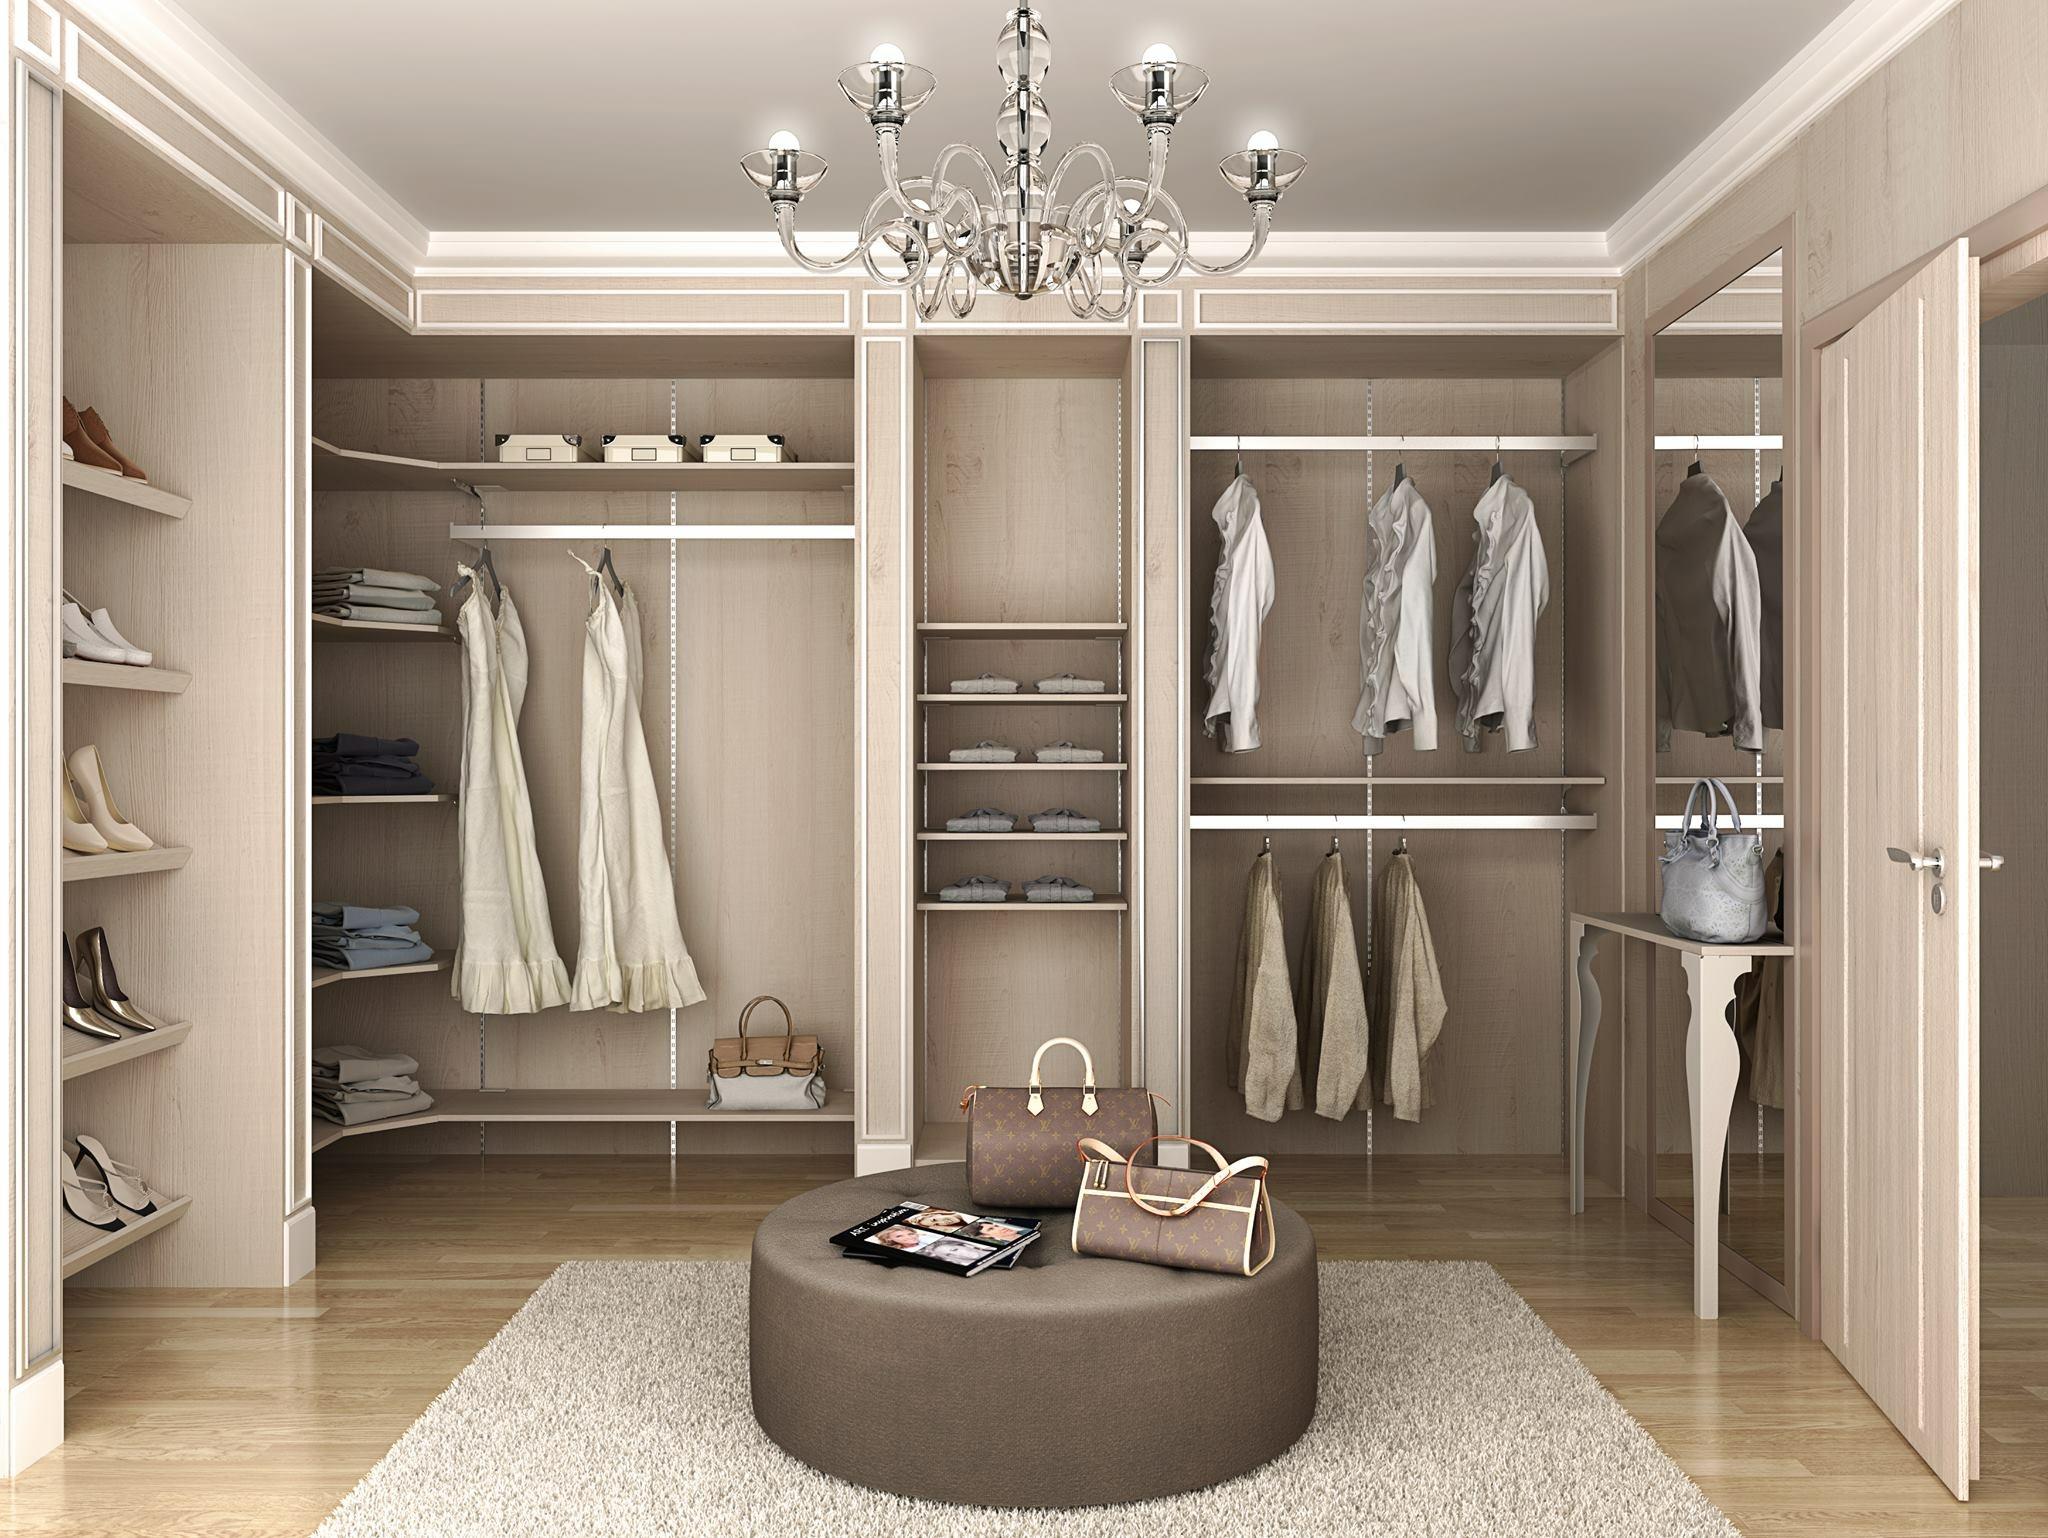 Cabine armadio per casa e negozio a olbia sassari for Armadio in regalo